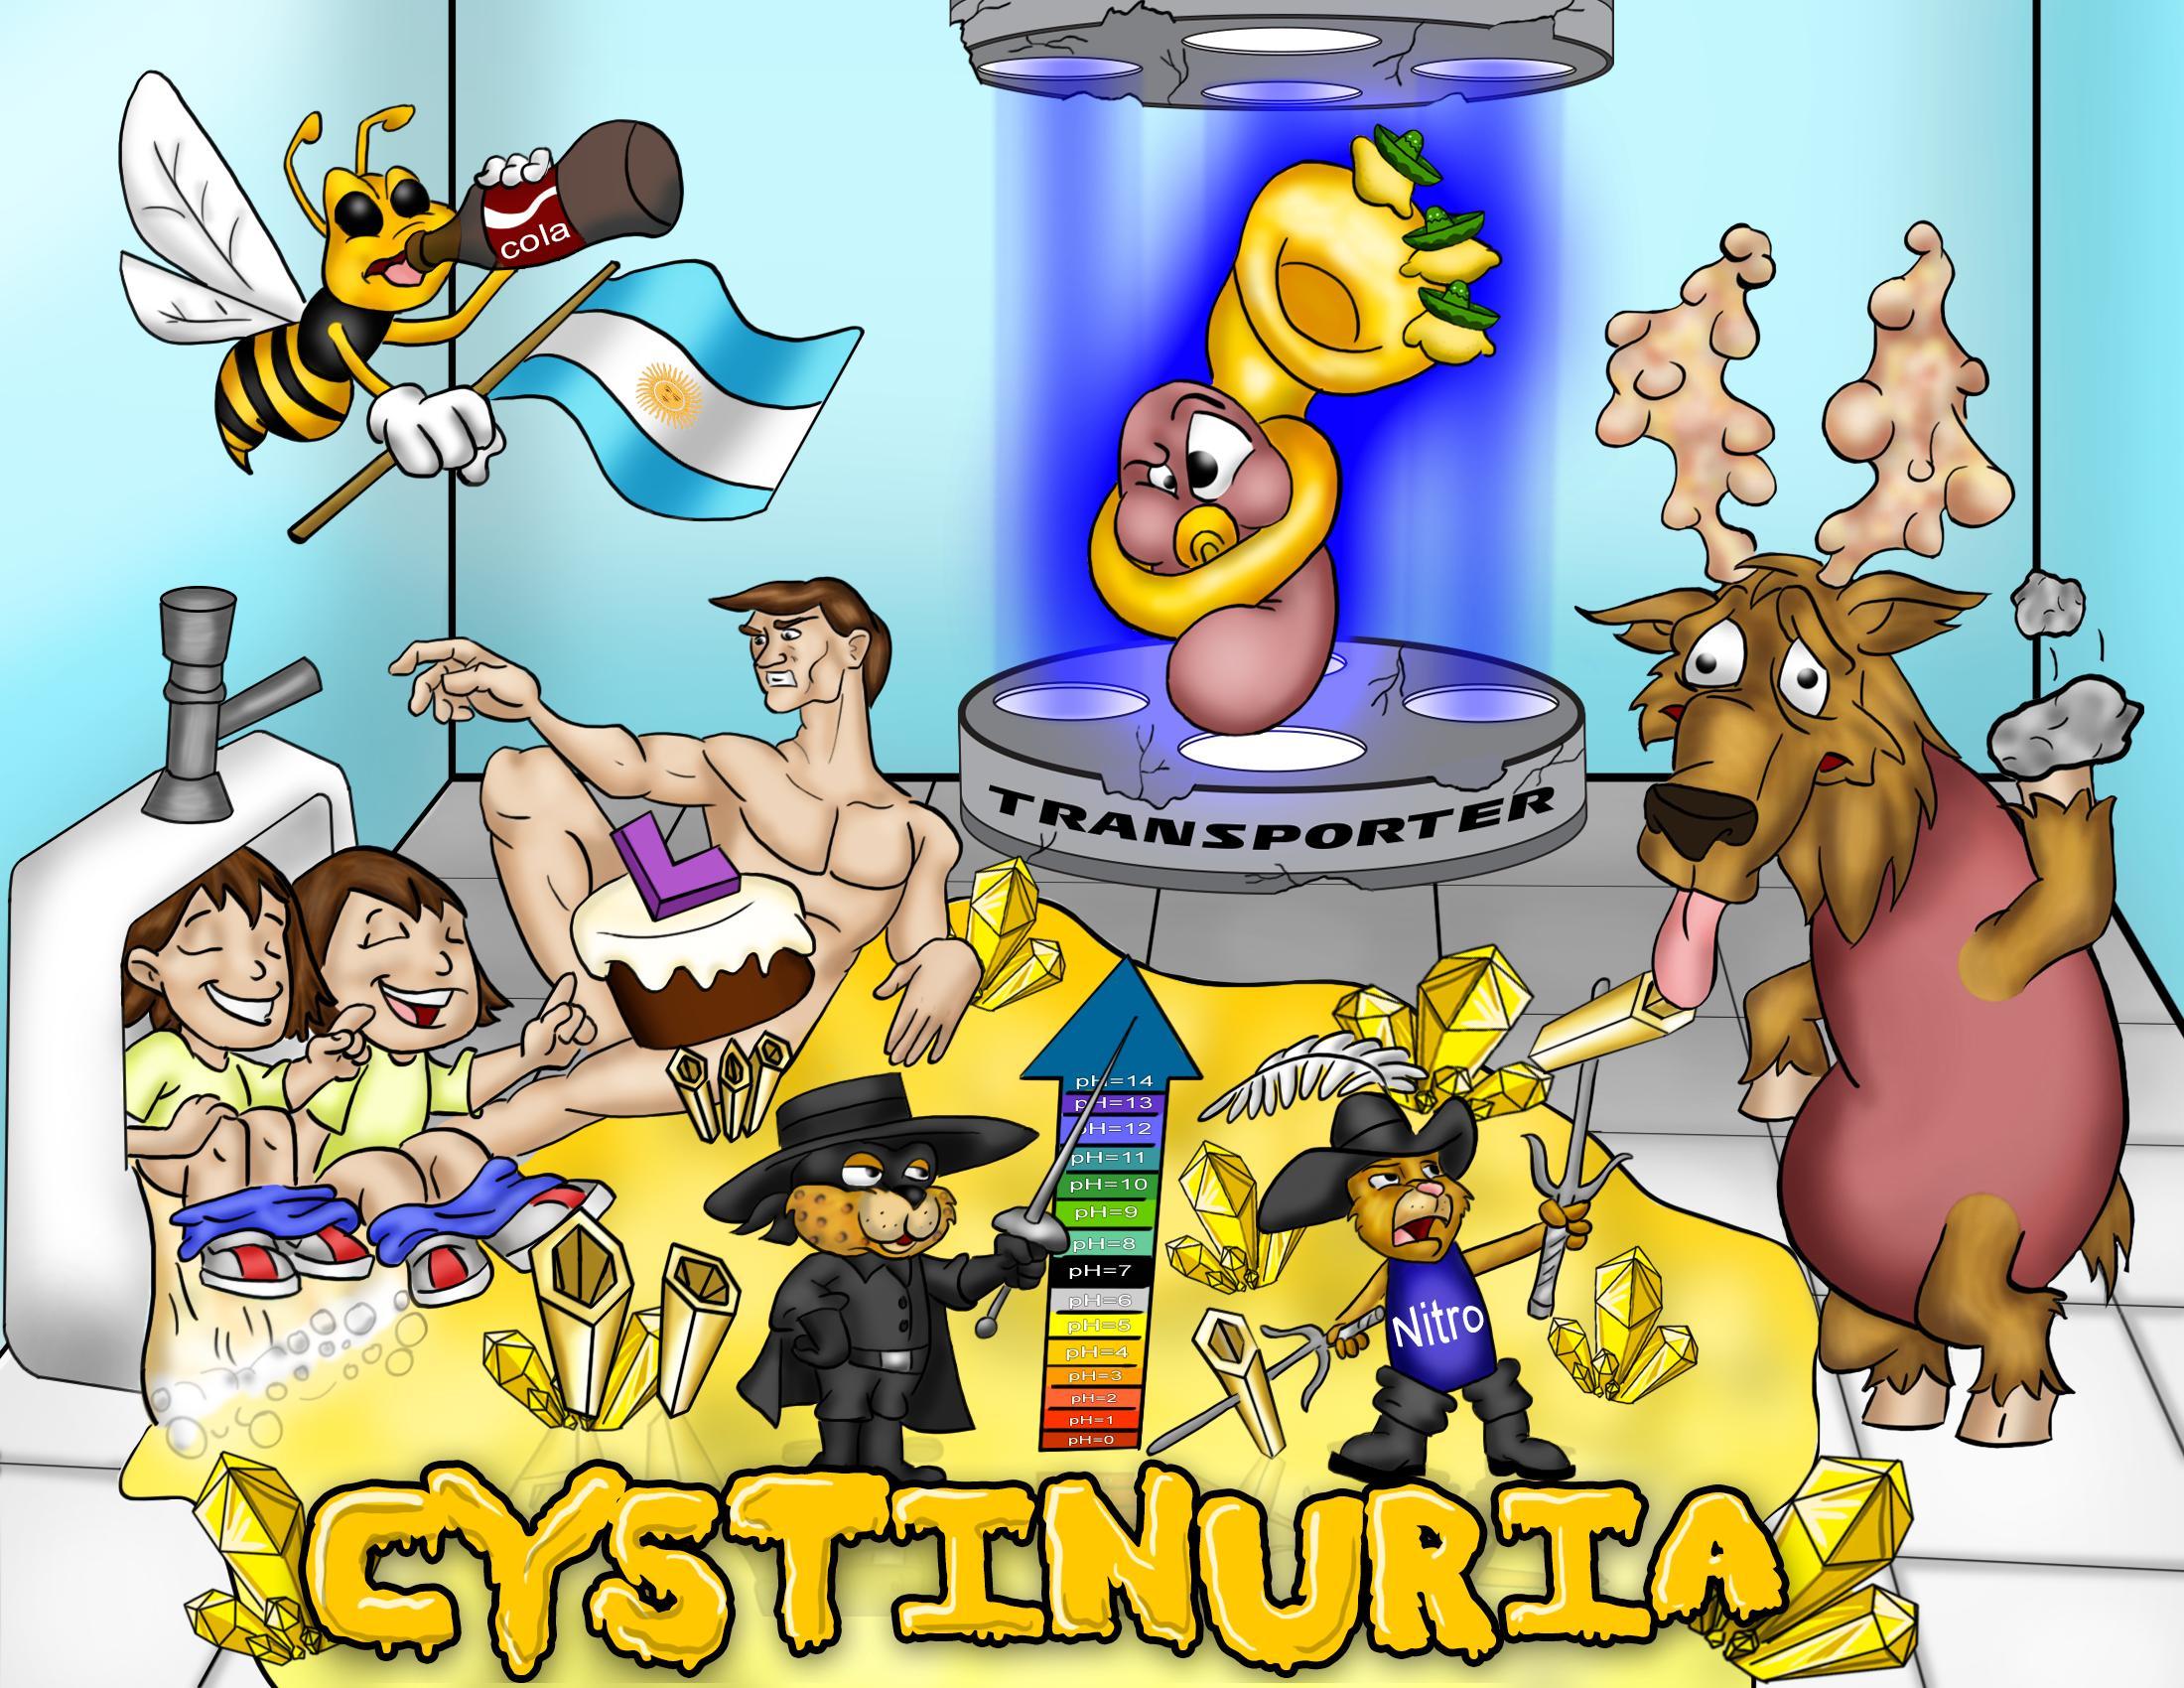 Cystinuria